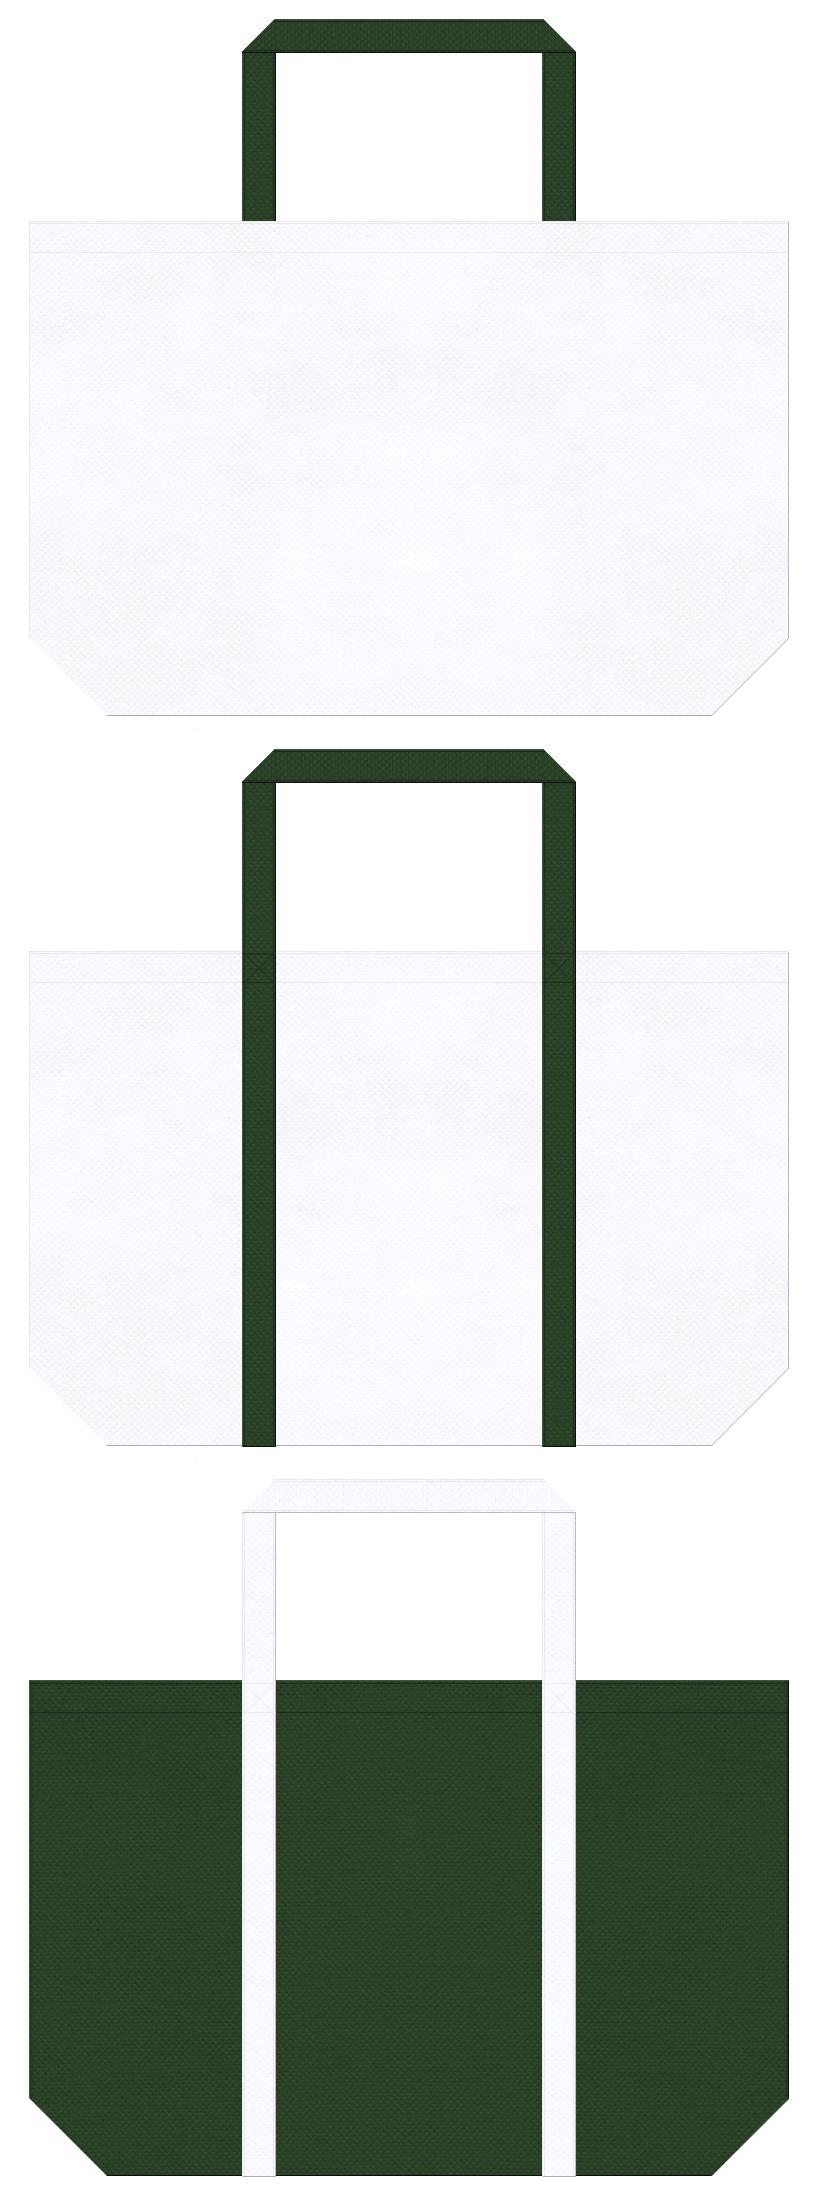 白色と濃緑色の不織布バッグデザイン:薬局・処方箋・医療器具・救急用品のバッグにお奨めです。